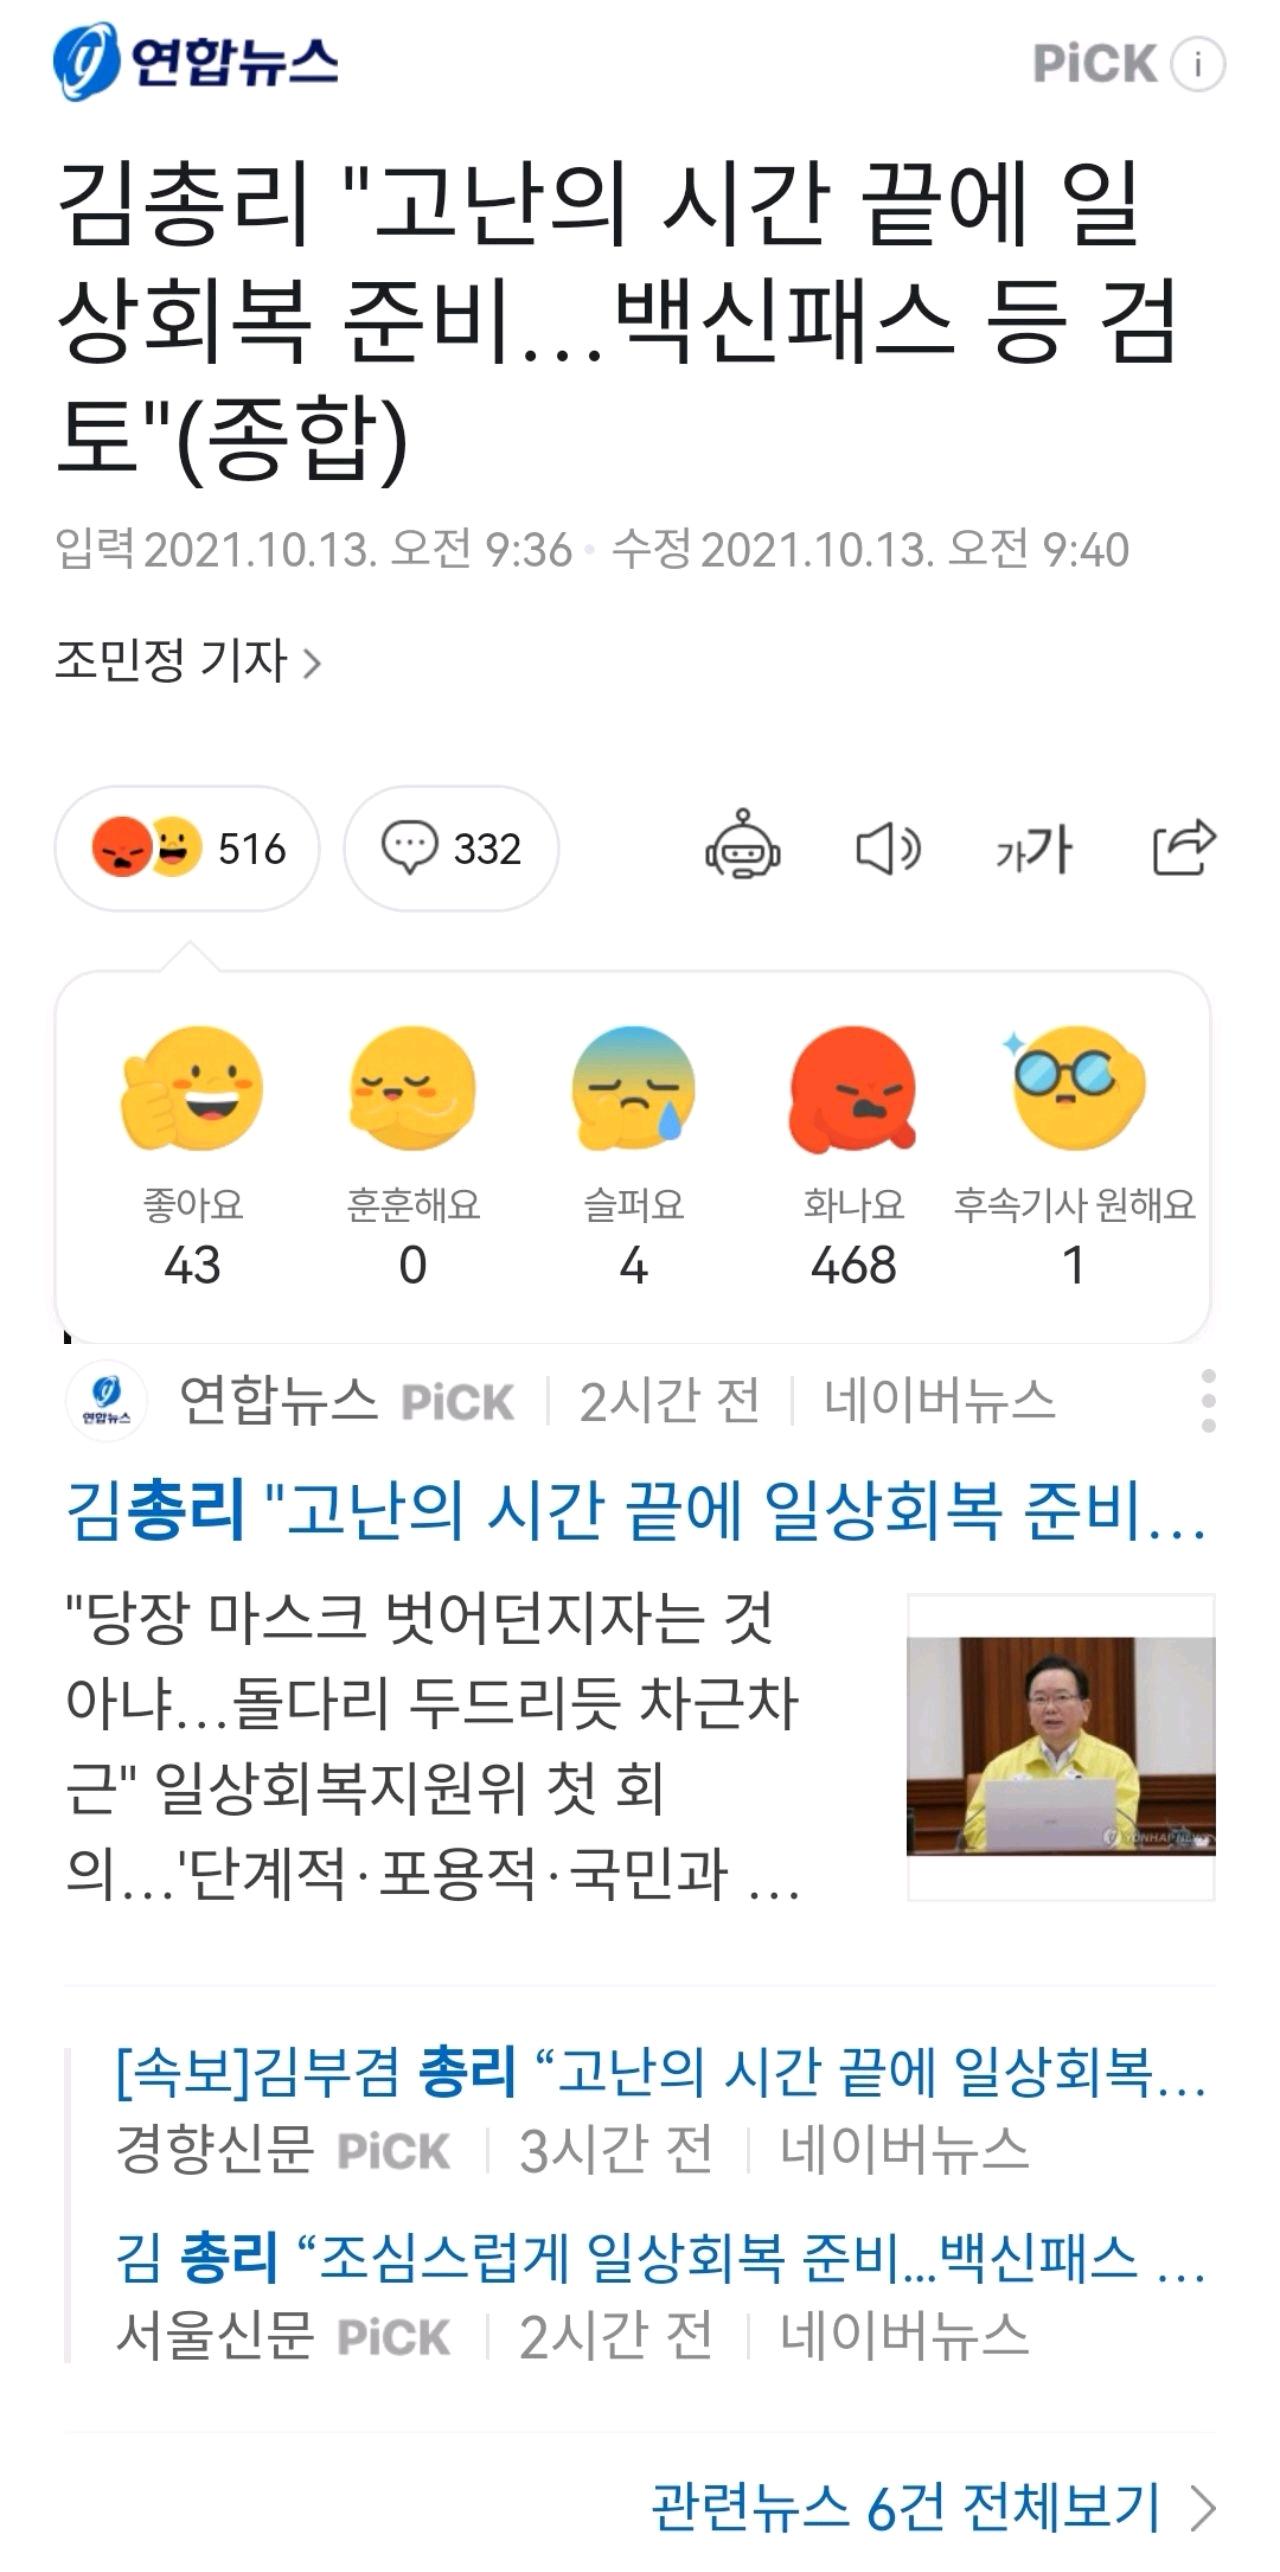 樸熙順李光洙同事釜山電影節後新冠確診,韓總理:該恢復日常了